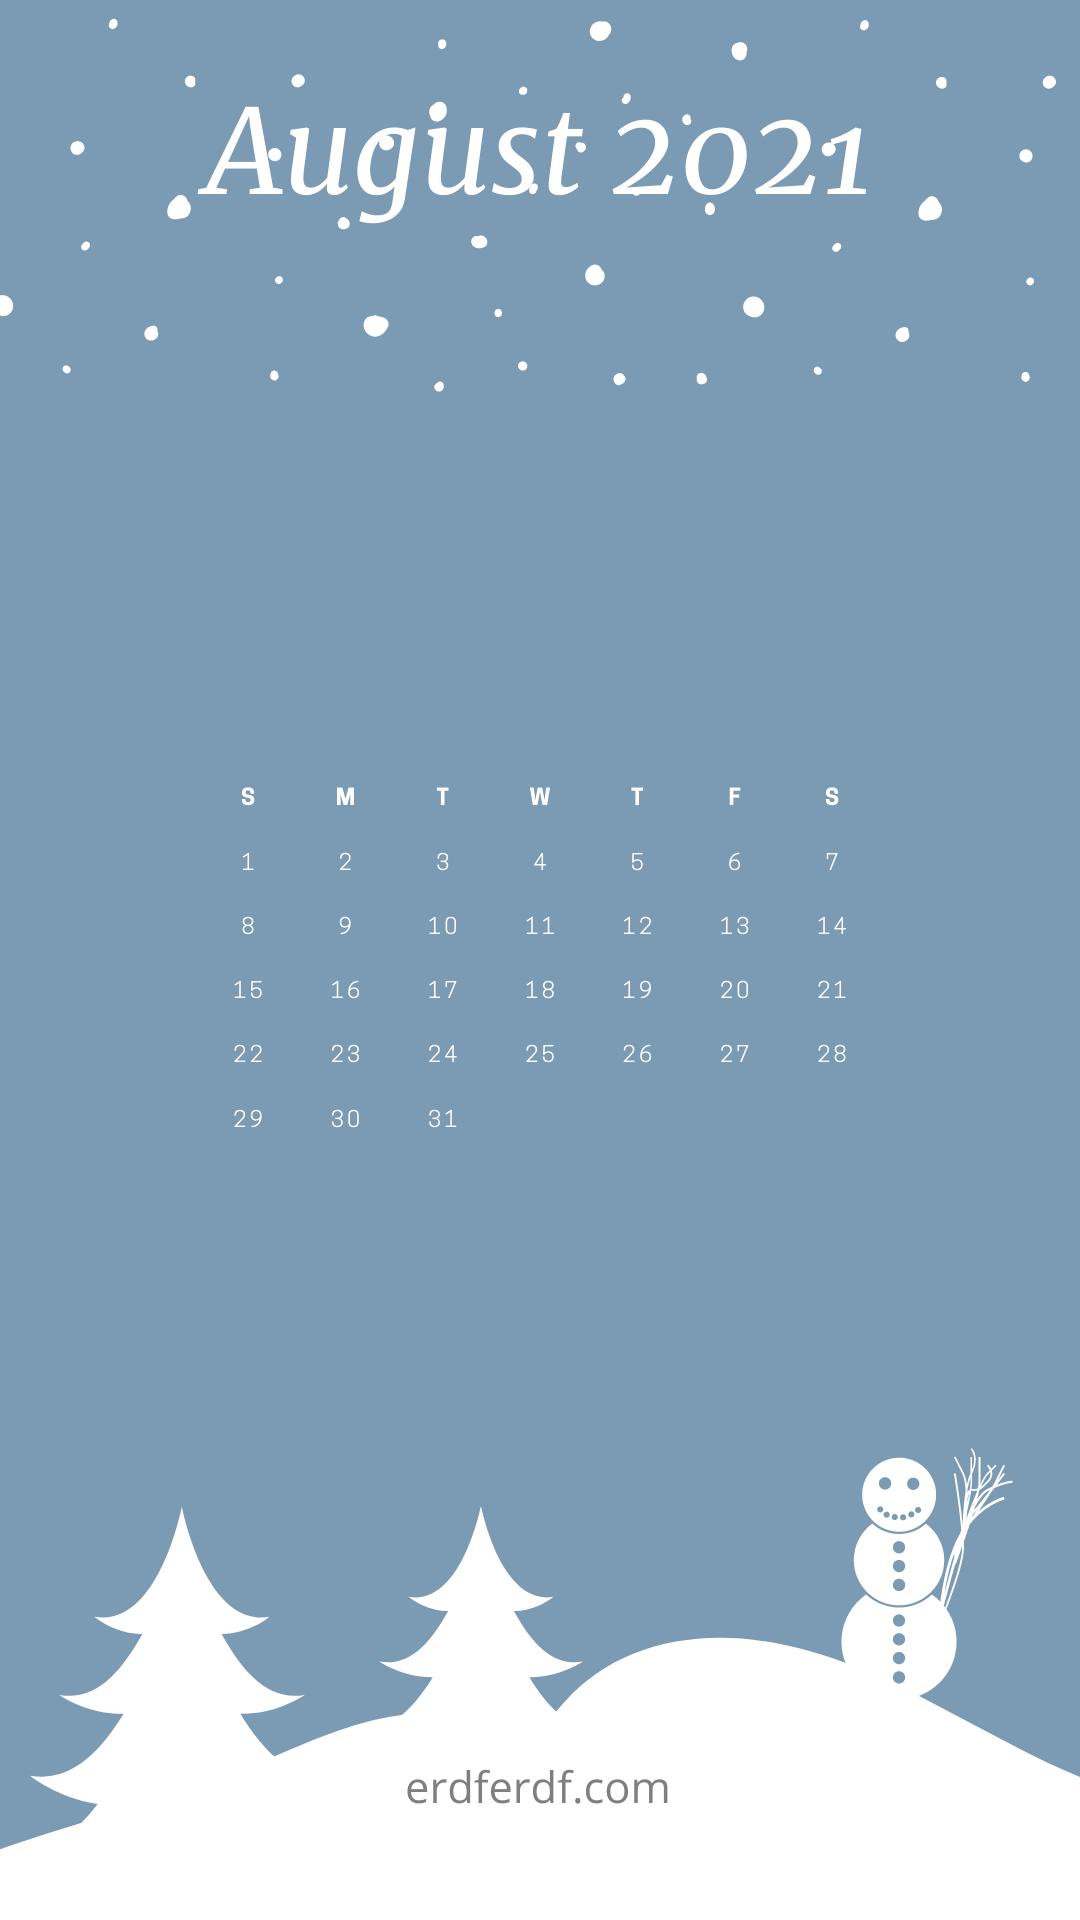 August 2021 Callendar Wallpaper Iphone Cat Cute Blue Snow